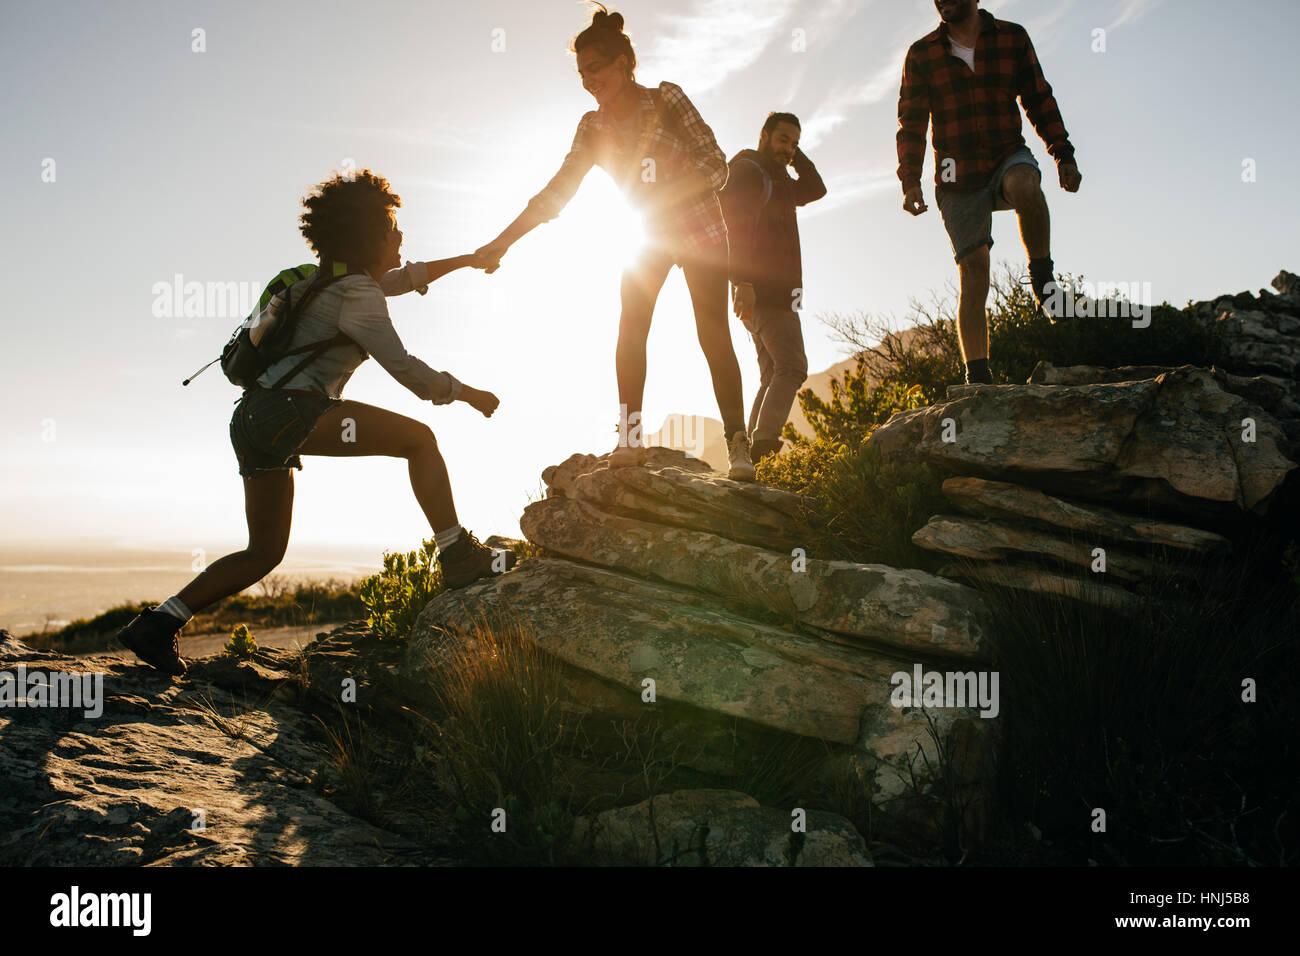 Groupe de randonneurs sur une montagne. Femme d'aider son amie à escalader un rocher. Les jeunes en montagne Photo Stock